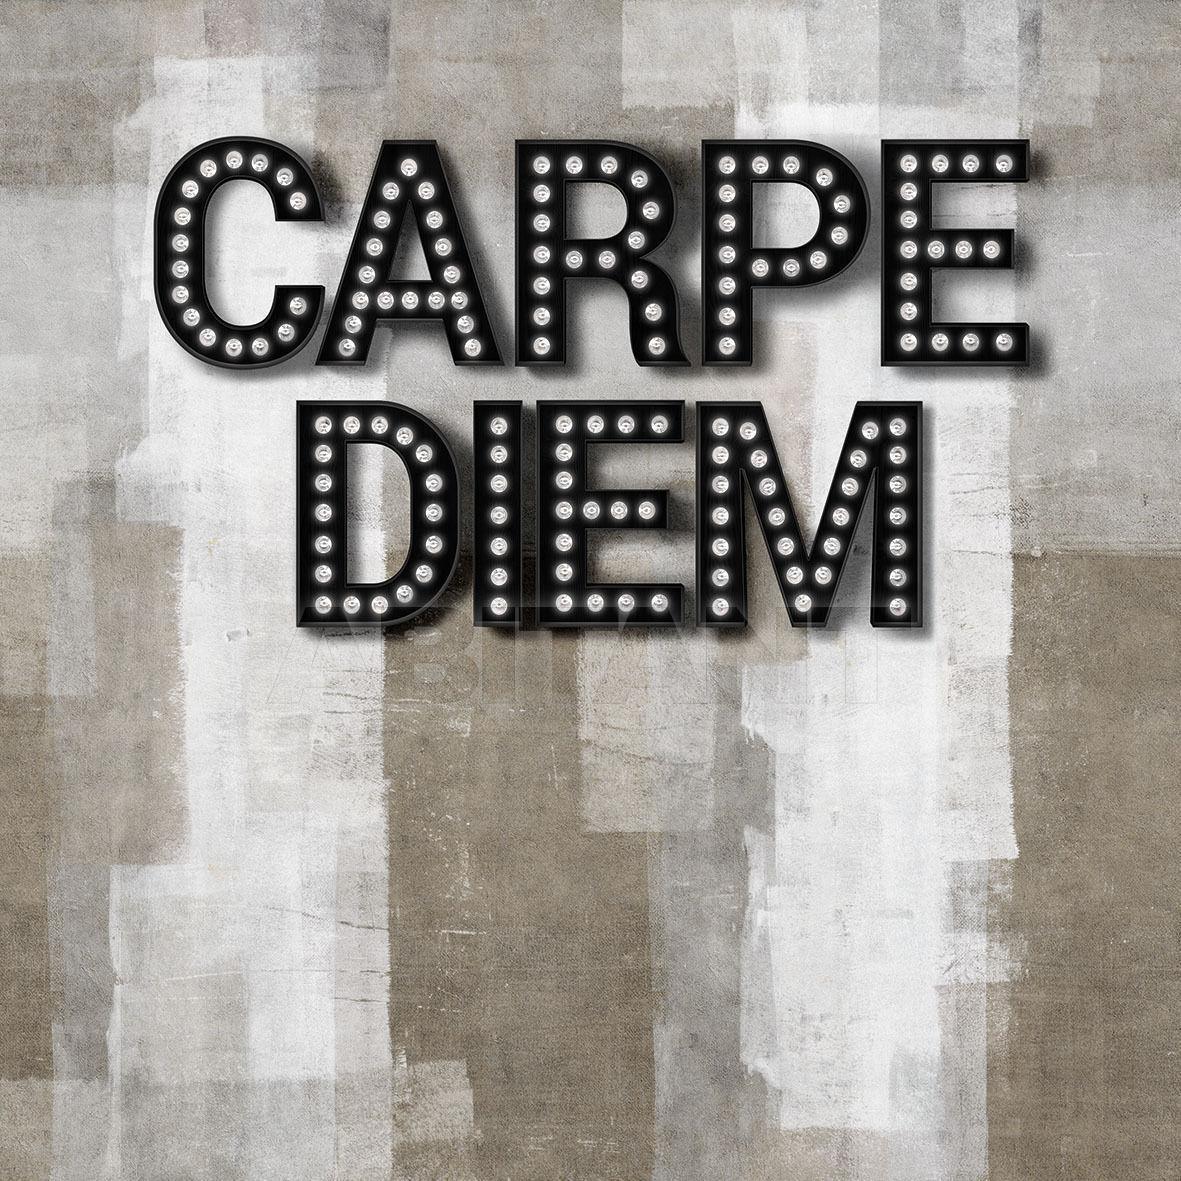 Купить Бумажные обои CARPE DIEM LondonArt - Grafika S.r.l.  ICON 15 15185 01